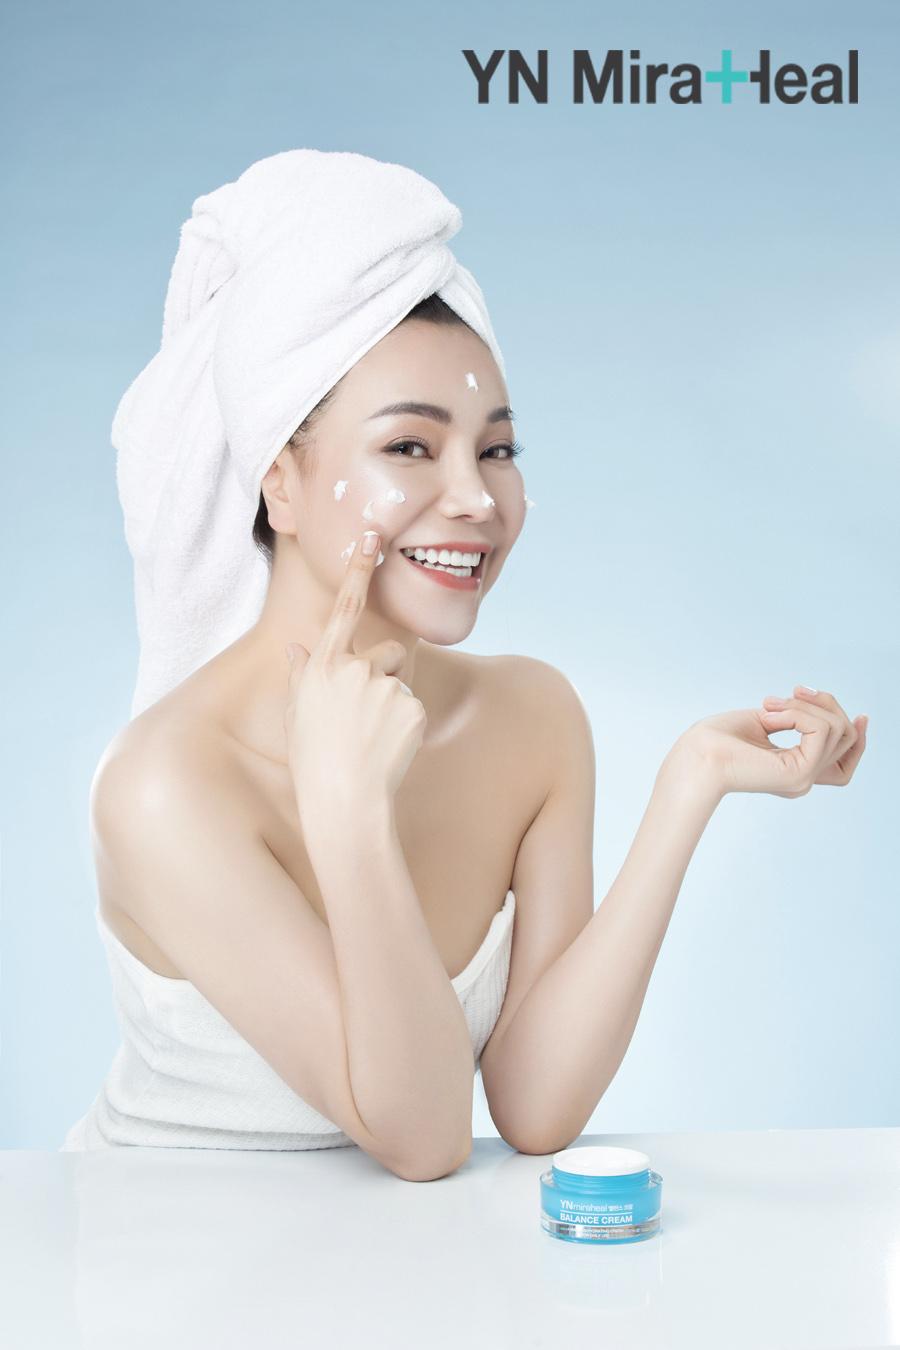 Chú ý đến đồng hồ sinh học của làn da để tìm hiểu 5 thời điểm thoa kem dưỡng da tốt nhất sau đây